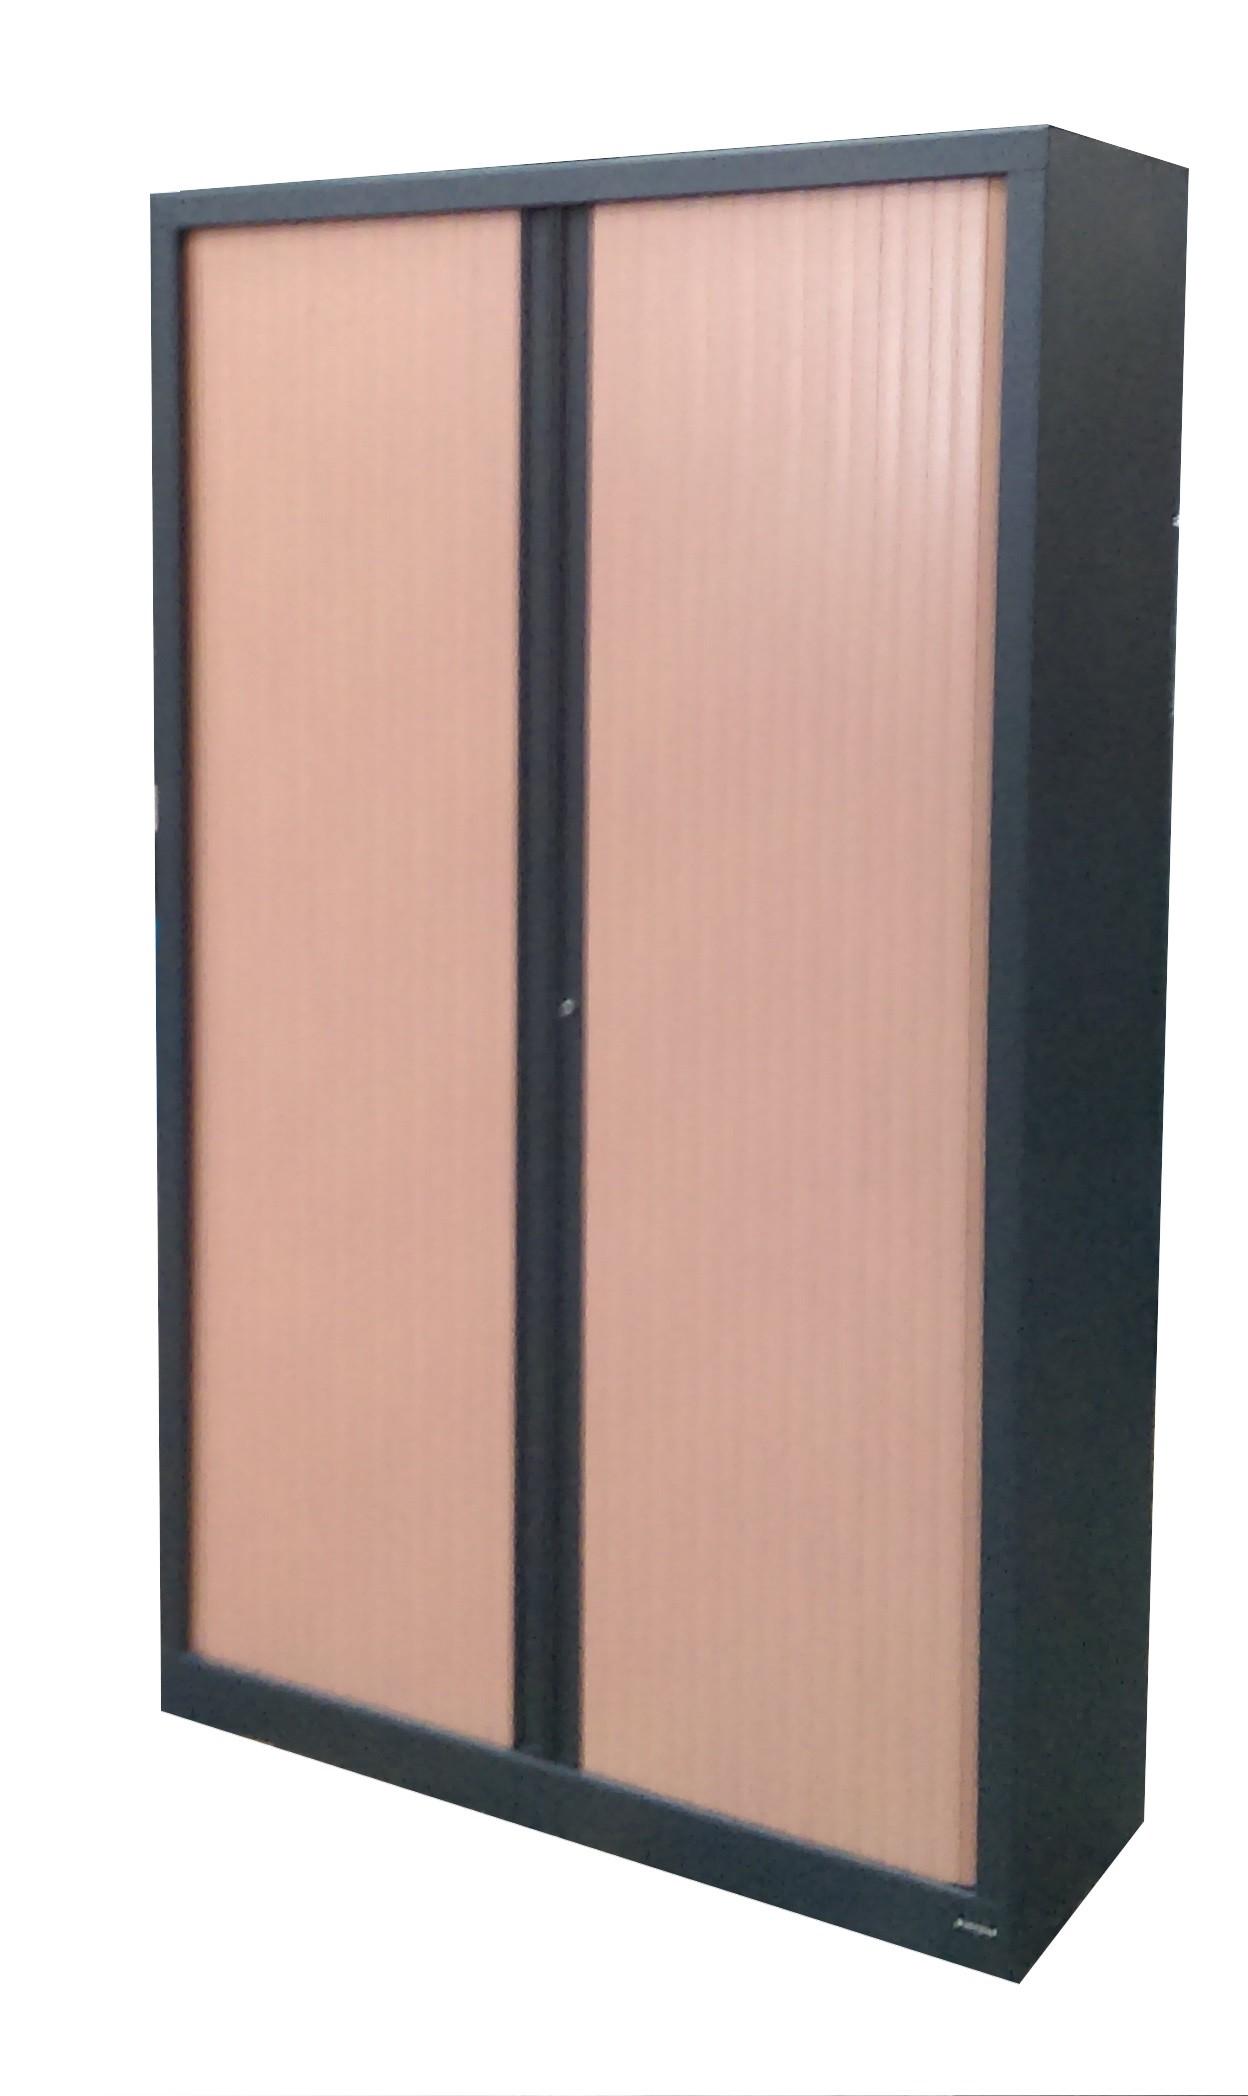 armoire rideau pas cher burocase burocase. Black Bedroom Furniture Sets. Home Design Ideas